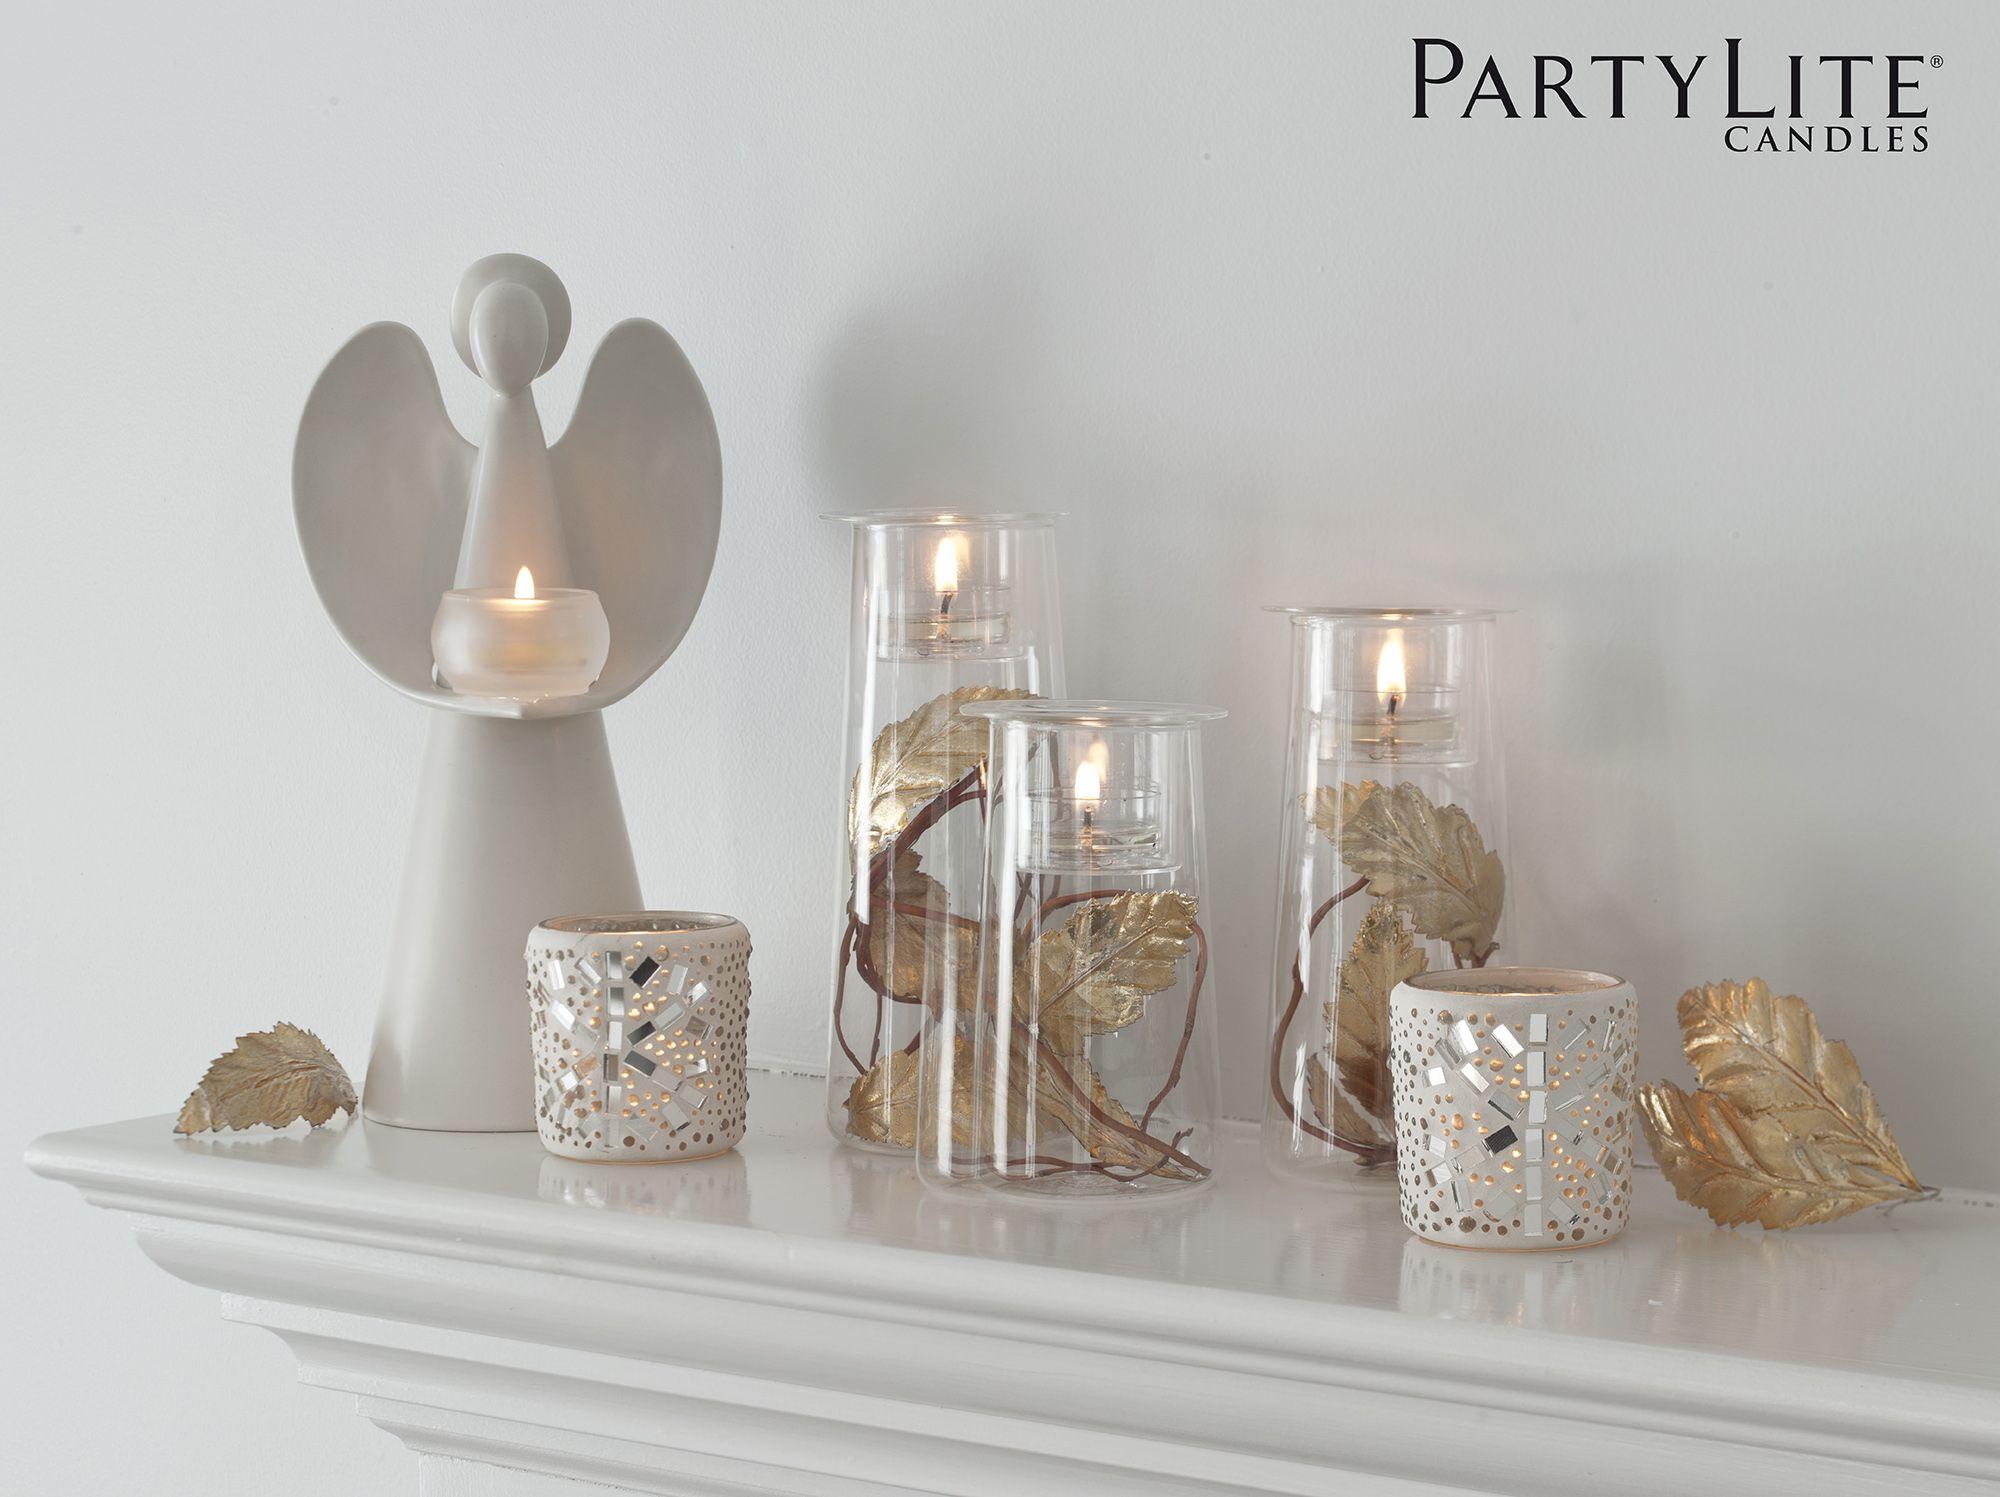 Trio de porte lampions sym trie p91205 en verre trois for Partylite dekoration